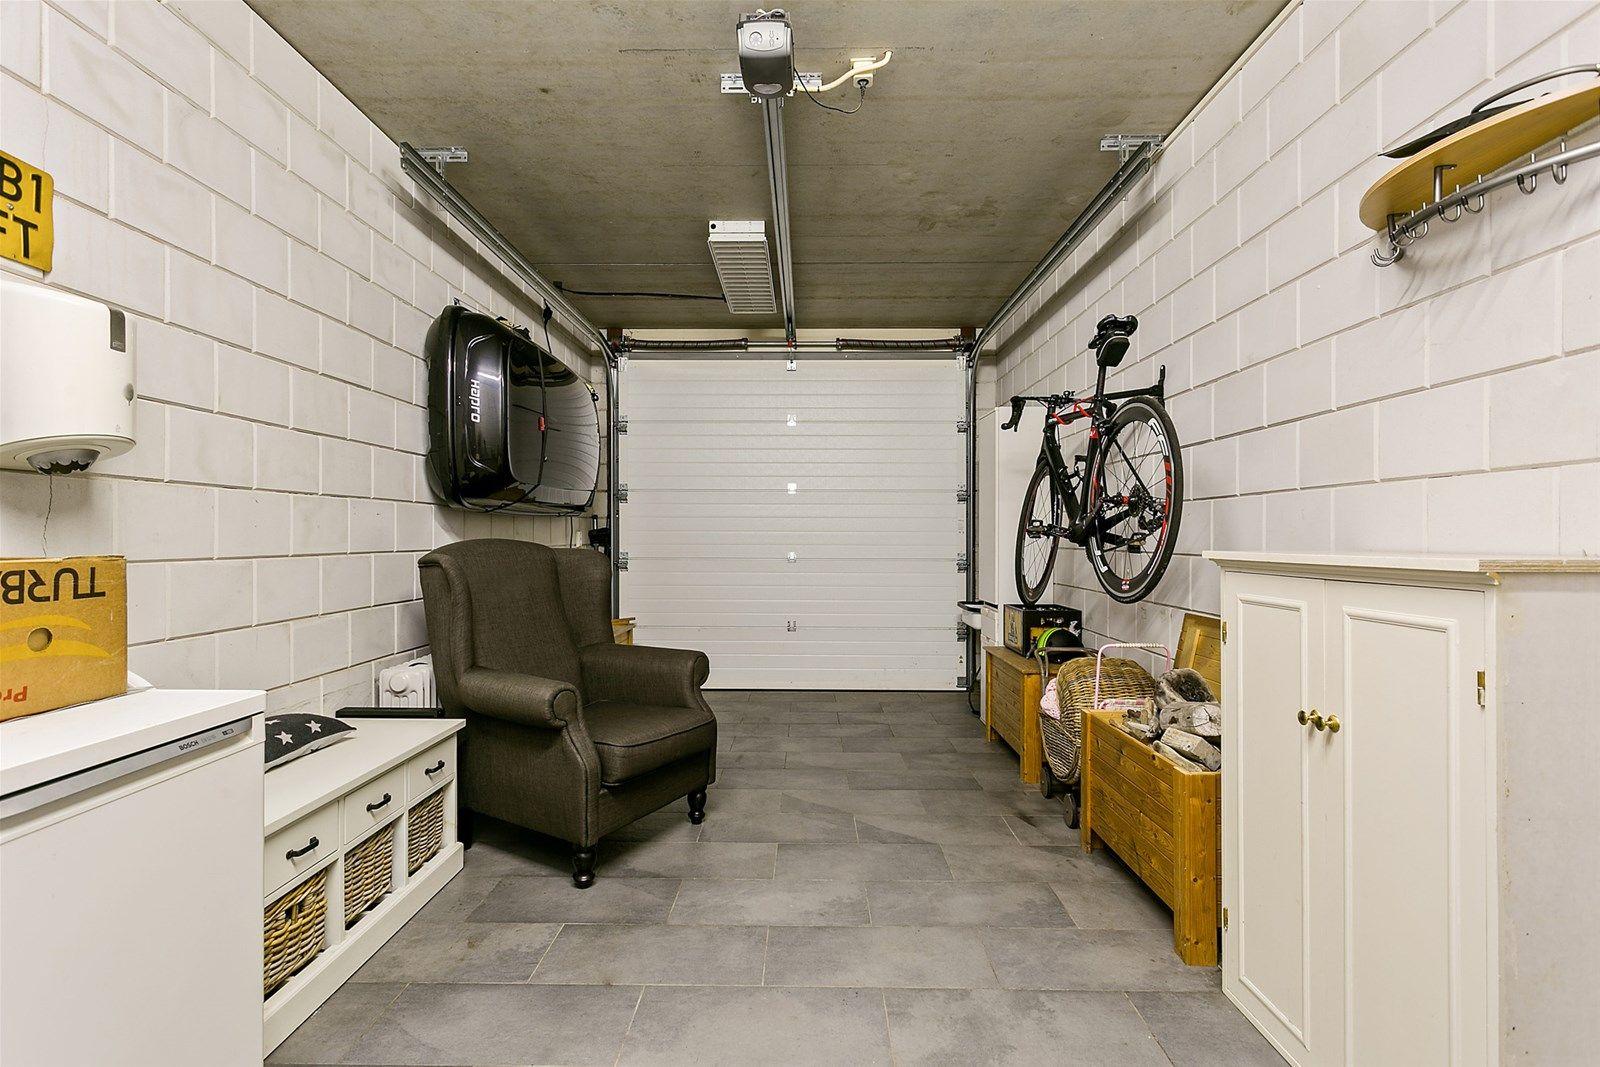 Deze luxe afgewerkte instapklare vrijstaande woning met oprit en ruime garage staat in een rustige en kindvriendelijke woonstraat aan de rand van het dorp Rijsbergen.   De woning is fraai afgewerkt en onder andere voorzien van een ruime woonkamer met en suite deuren met glas in lood en een massief eikenhouten vloer, een woonkeuken in landelijke stijl, vier slaapkamers en een luxe badkamer met inloopdouche en ligbad.   De voor- en achtertuin zijn beide verzorgd aangelegd. De achtertuin is gelegen op het zuiden en aangelegd met een gazon en een ruim terras met mogelijkheid tot een overdekte zithoek. Deze woning biedt rust aan de rand van  het dorp en is tevens gelegen nabij de nodige voorzieningen zoals een school, een speeltuin, winkels en horecagelegenheden.   BEGANE GROND Entree/hal met een bergkast en toegang tot de toiletruimte, woonkamer, garage en vaste trap naar de eerste verdieping. De hal is voorzien van vloerverwarming. Afwerking- Belgisch hardstenen tegelvloer, stucwerk wanden en stucwerk plafond met sierlijsten. Meterkast- 11 groepen en 3 aardlekschakelaars.  Toiletruimte met zwevend toilet en fonteintje. De toiletruimte is voorzien van vloerverwarming. Afwerking- Belgisch hardstenen tegelvloer, wandtegels met daarboven stucwerk en stucwerk plafond met sierlijsten.  Zeer ruime woonkamer met tuindeuren naar de achtertuin en middels en suite deuren toegang tot de woonkeuken. De woonkamer heeft door zijn vorm een verdeling in eetkamer en zithoek. De zithoek beschikt over een gashaard.  Afwerking- Massief eikenhouten vloer, stucwerk wanden en stucwerk plafond met sierlijsten.  Landelijke woonkeuken met een spoeleiland met spoelbak, mengkraan en losse handsproeier, verder is de keuken uitgerust met een composieten werkblad met gefrijnde randen, vaatwasser, 5-pits gaskookplaat, afzuigkap in een schouw, combi-oven, ingebouwd koffiezetapparaat, koelvriescombinatie en kastruimte. De keuken heeft een prachtige erker.  Afwerking- Massief eikenhouten vloer, stucwerk 